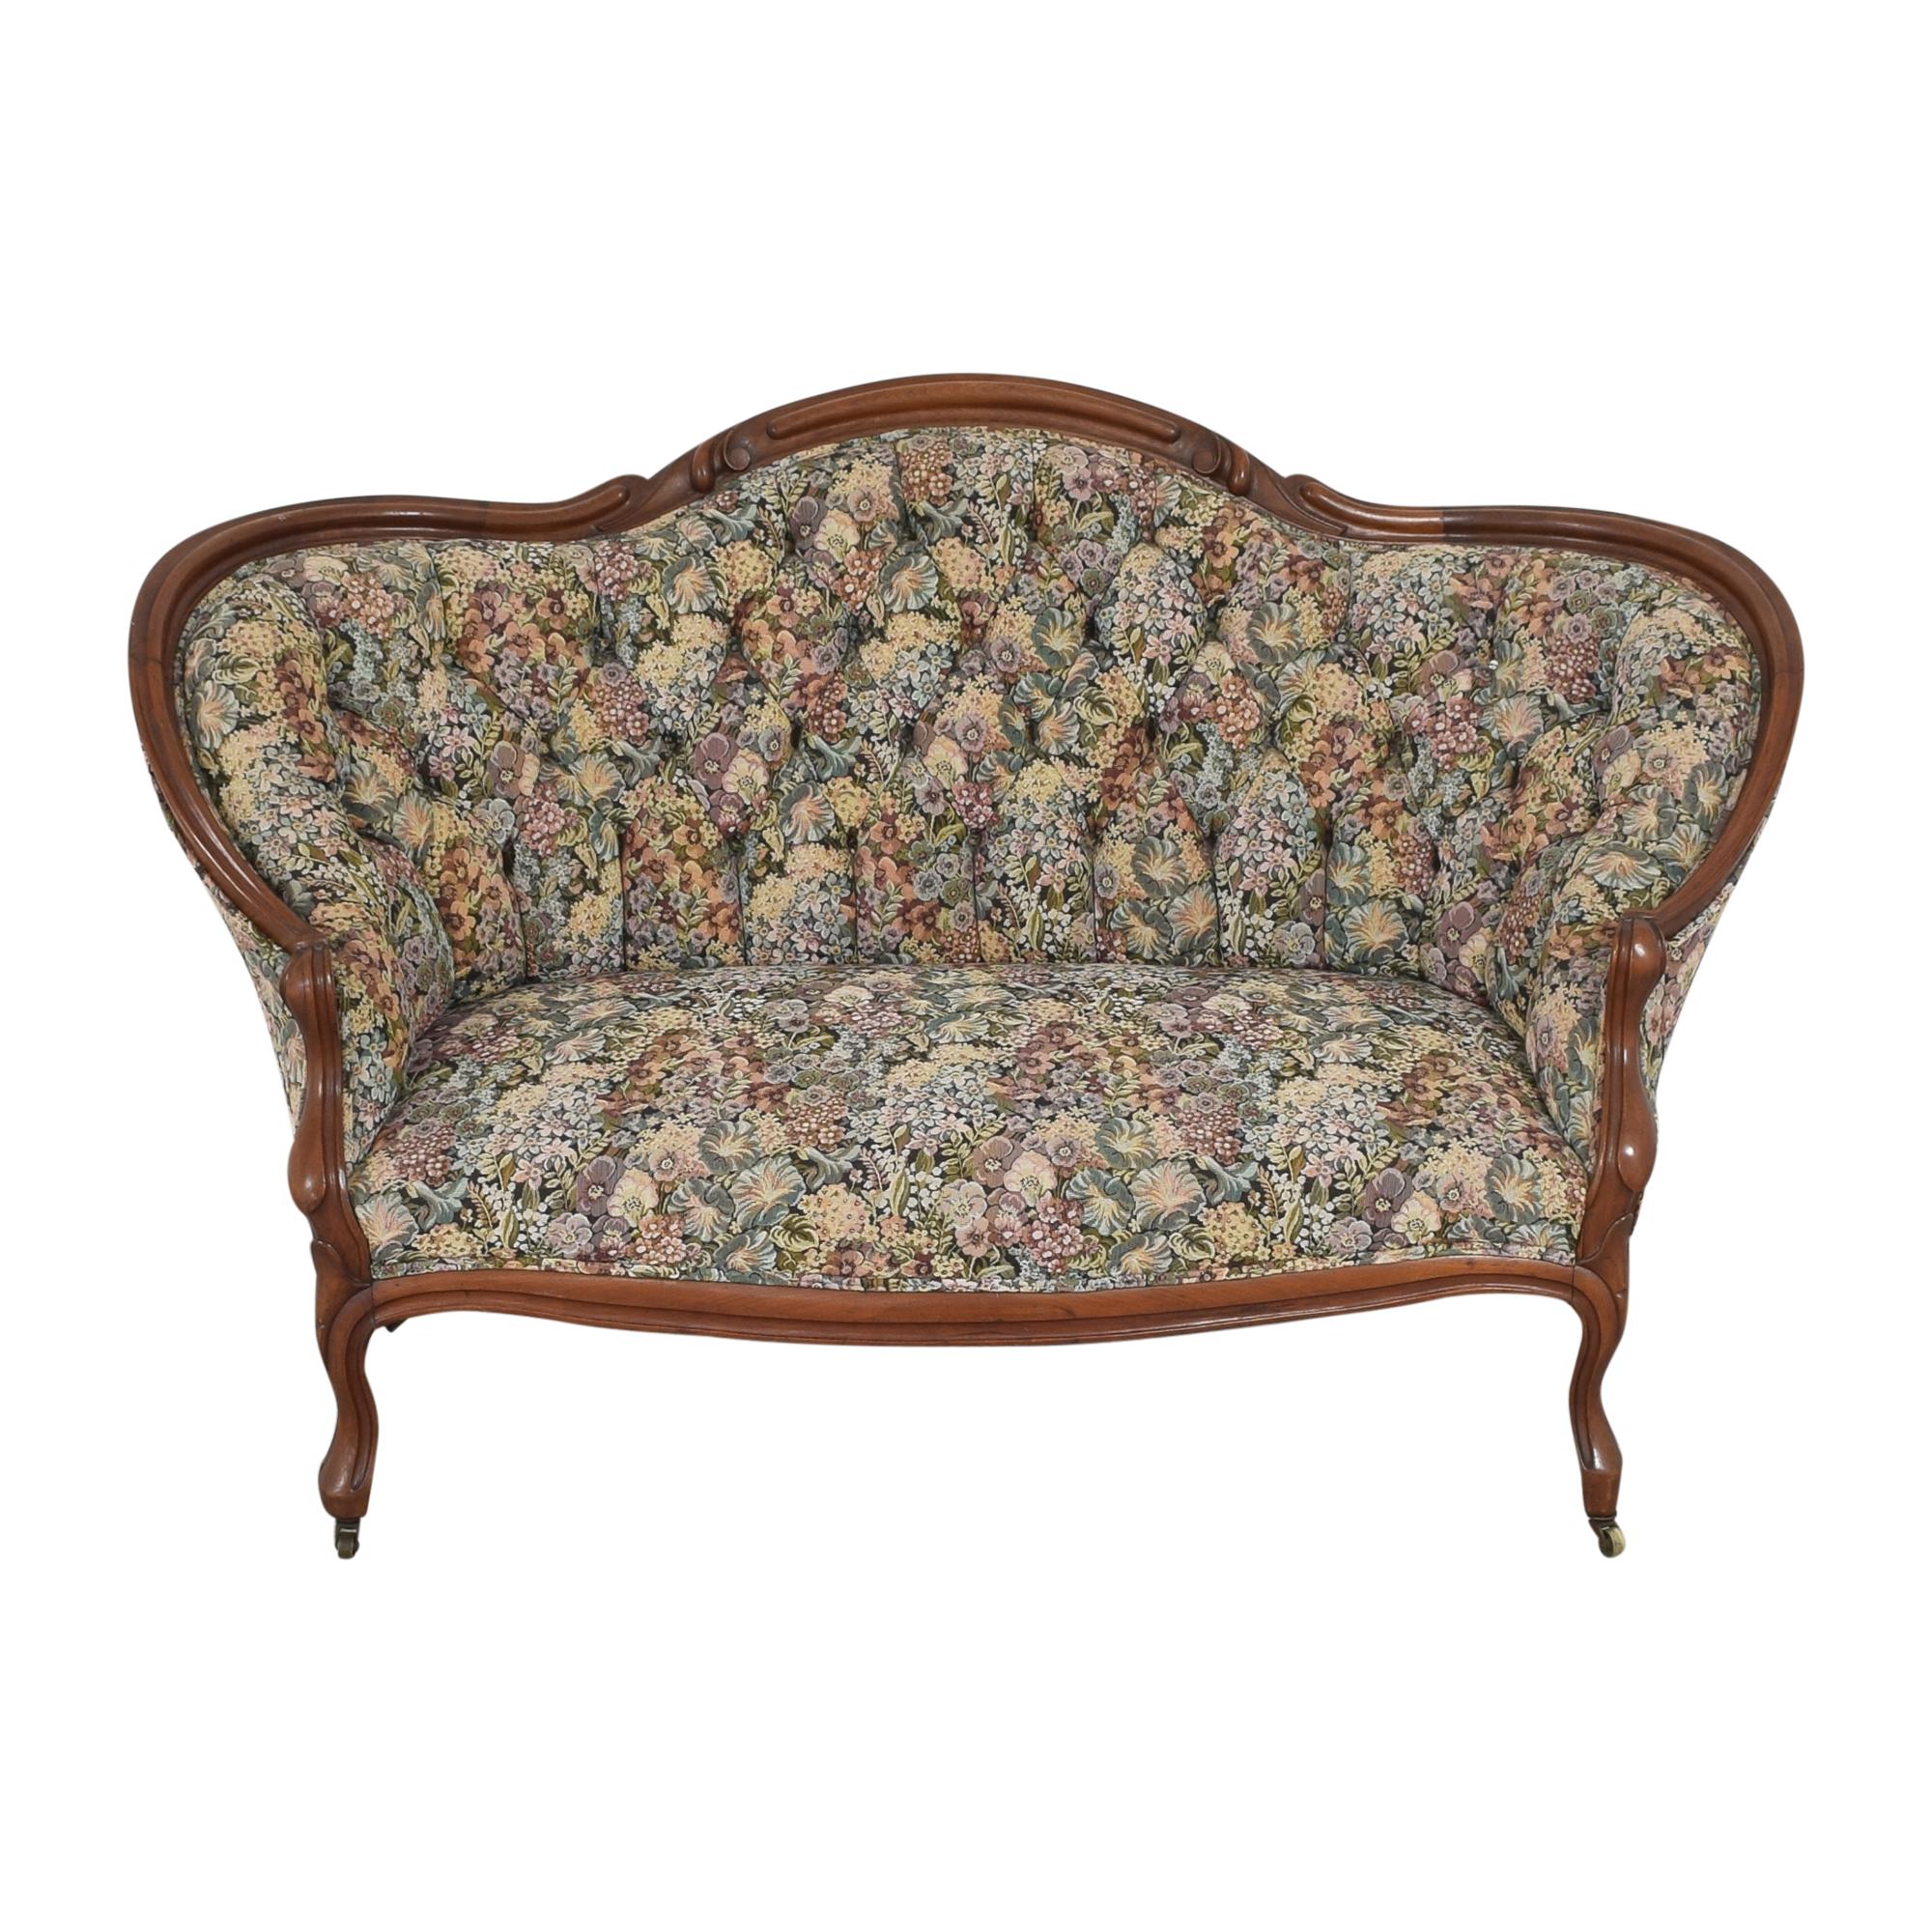 Vintage Floral Tufted Settee multi